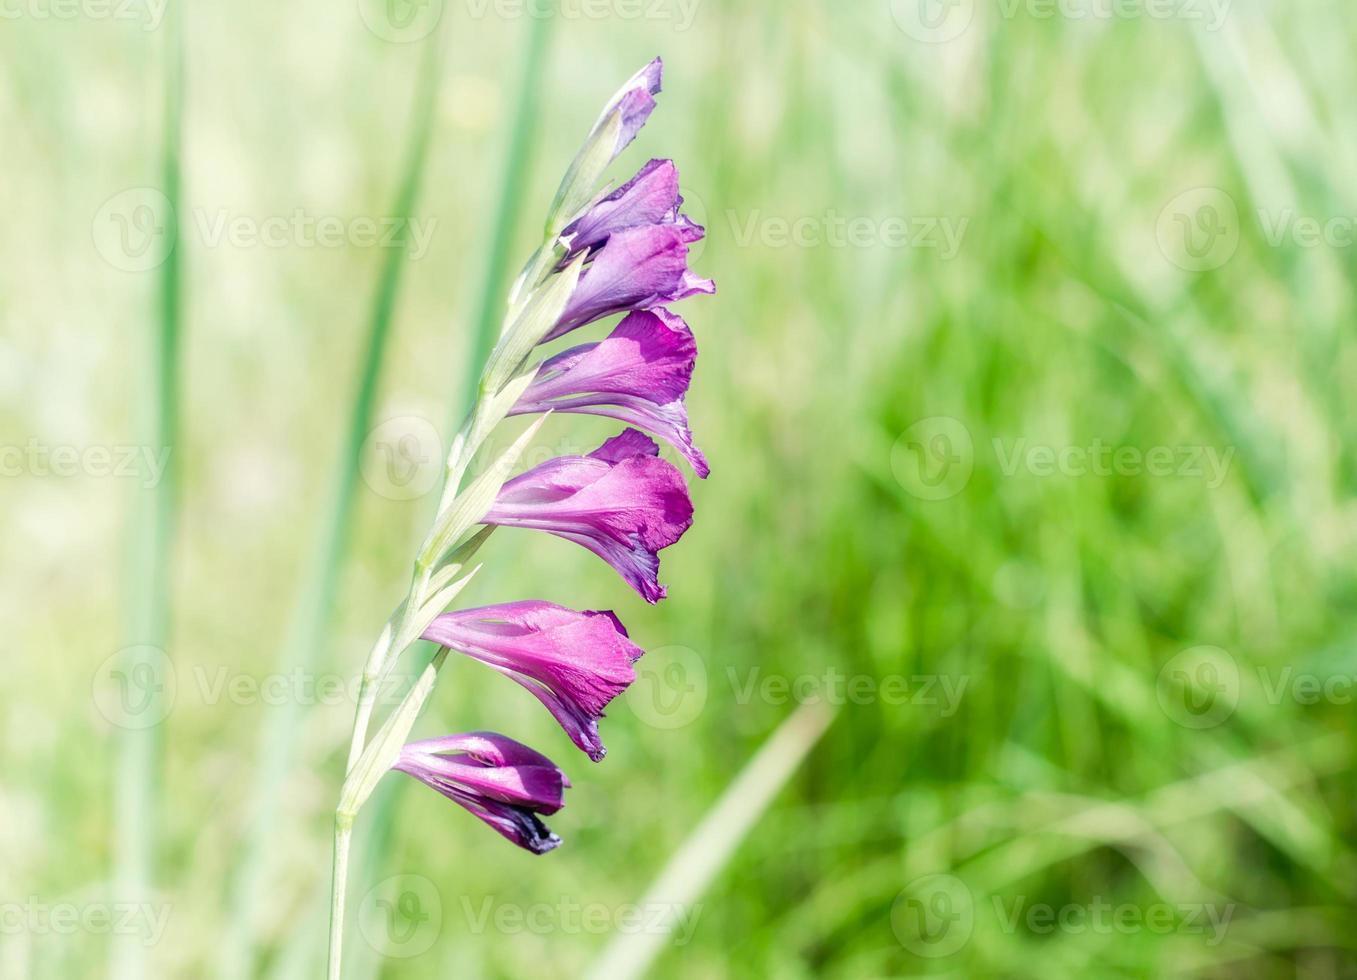 fiori viola in un campo verde foto